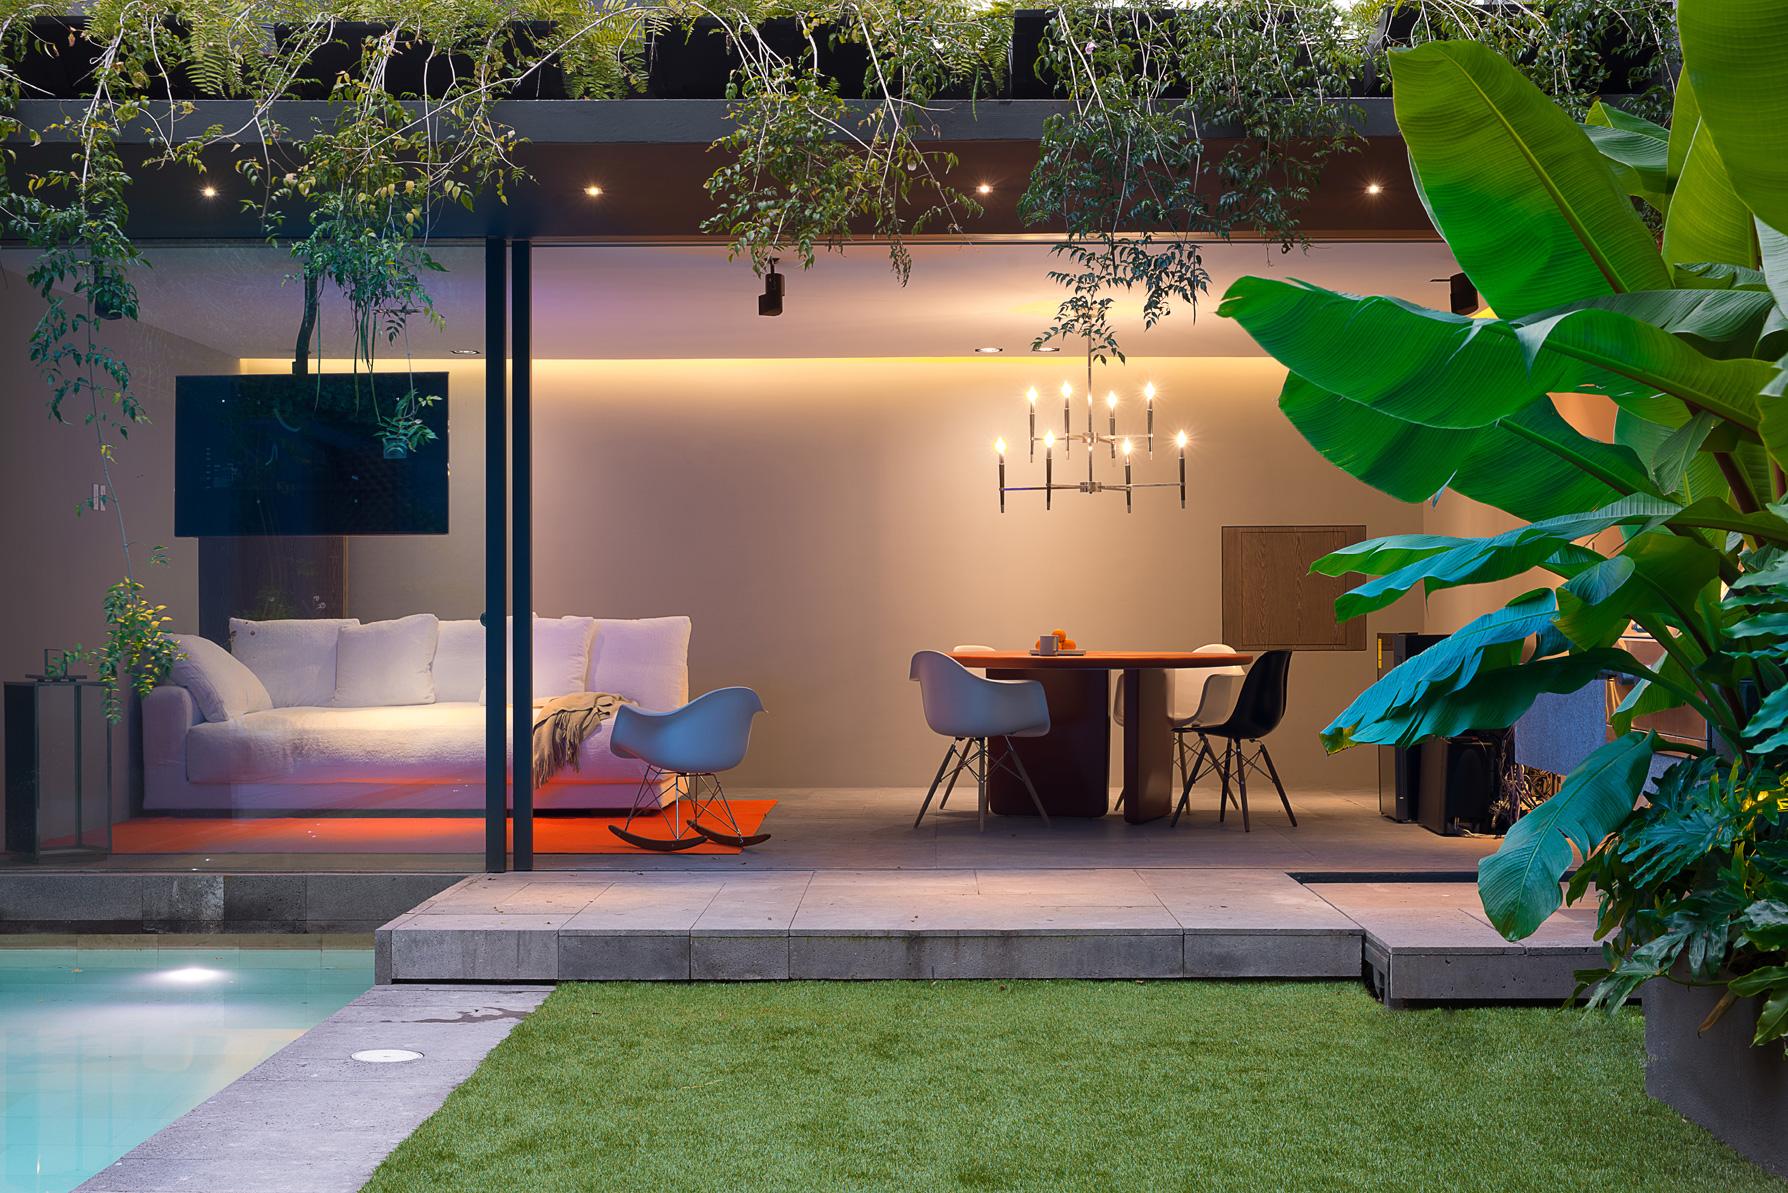 Barrancas House by EZEQUIELFARCA architecture design-31